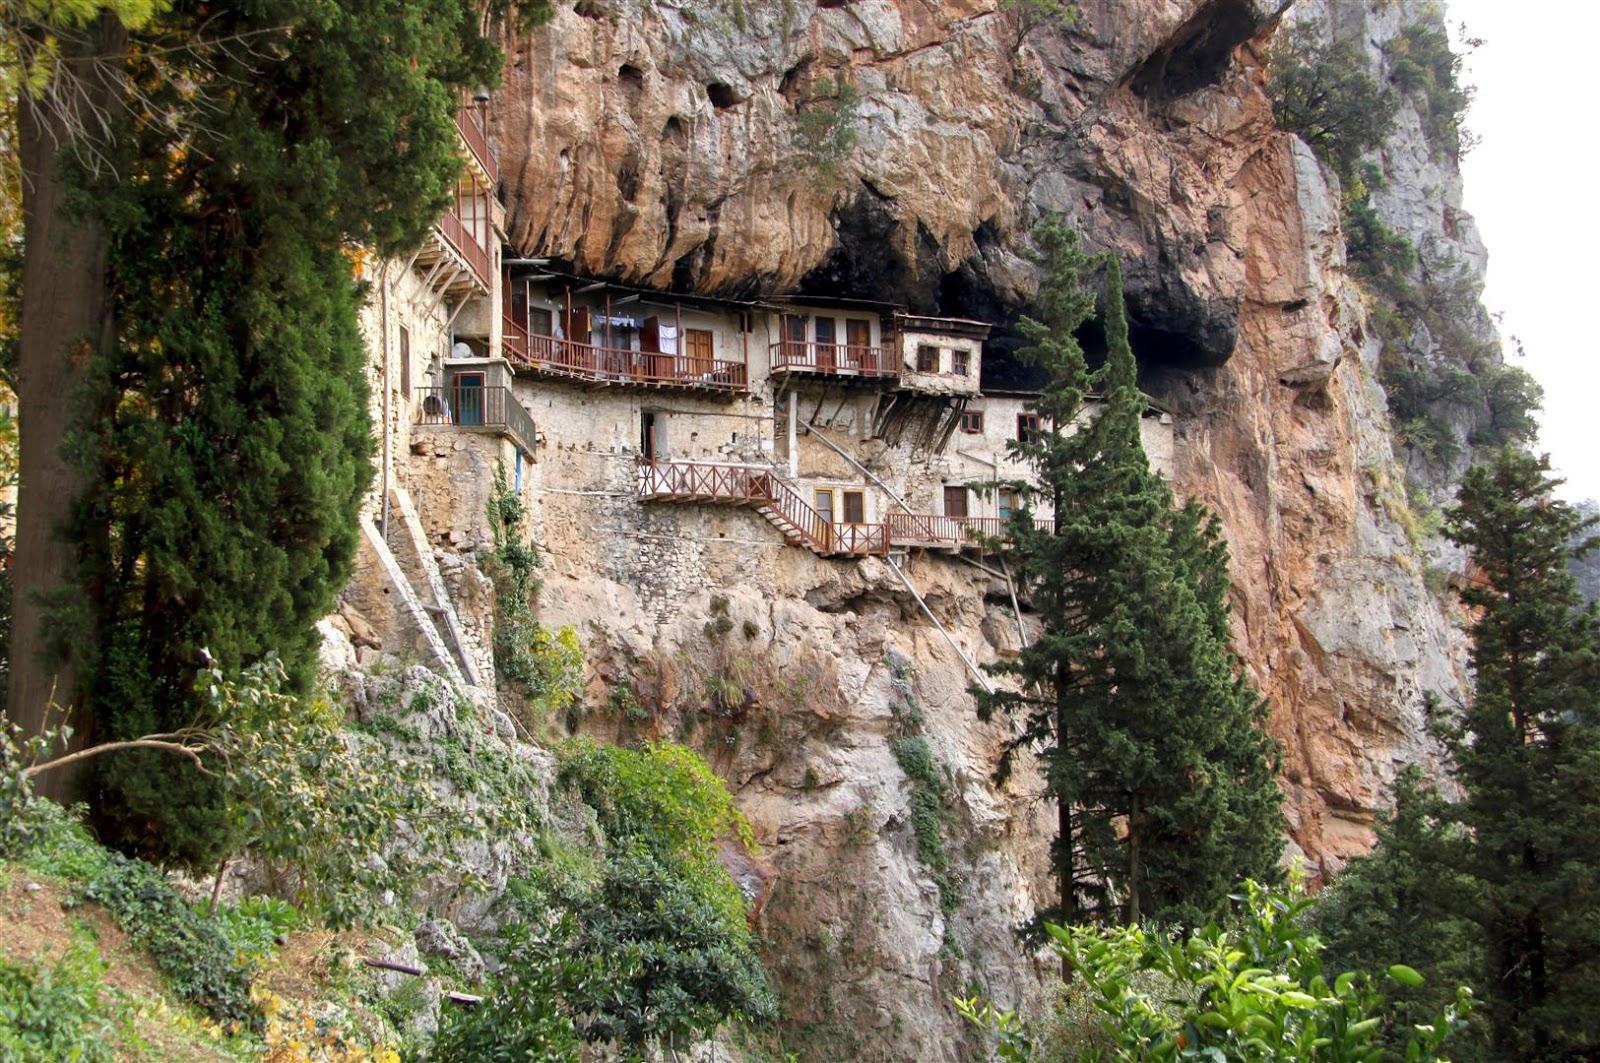 Αποτέλεσμα εικόνας για monasteries lousios gorge